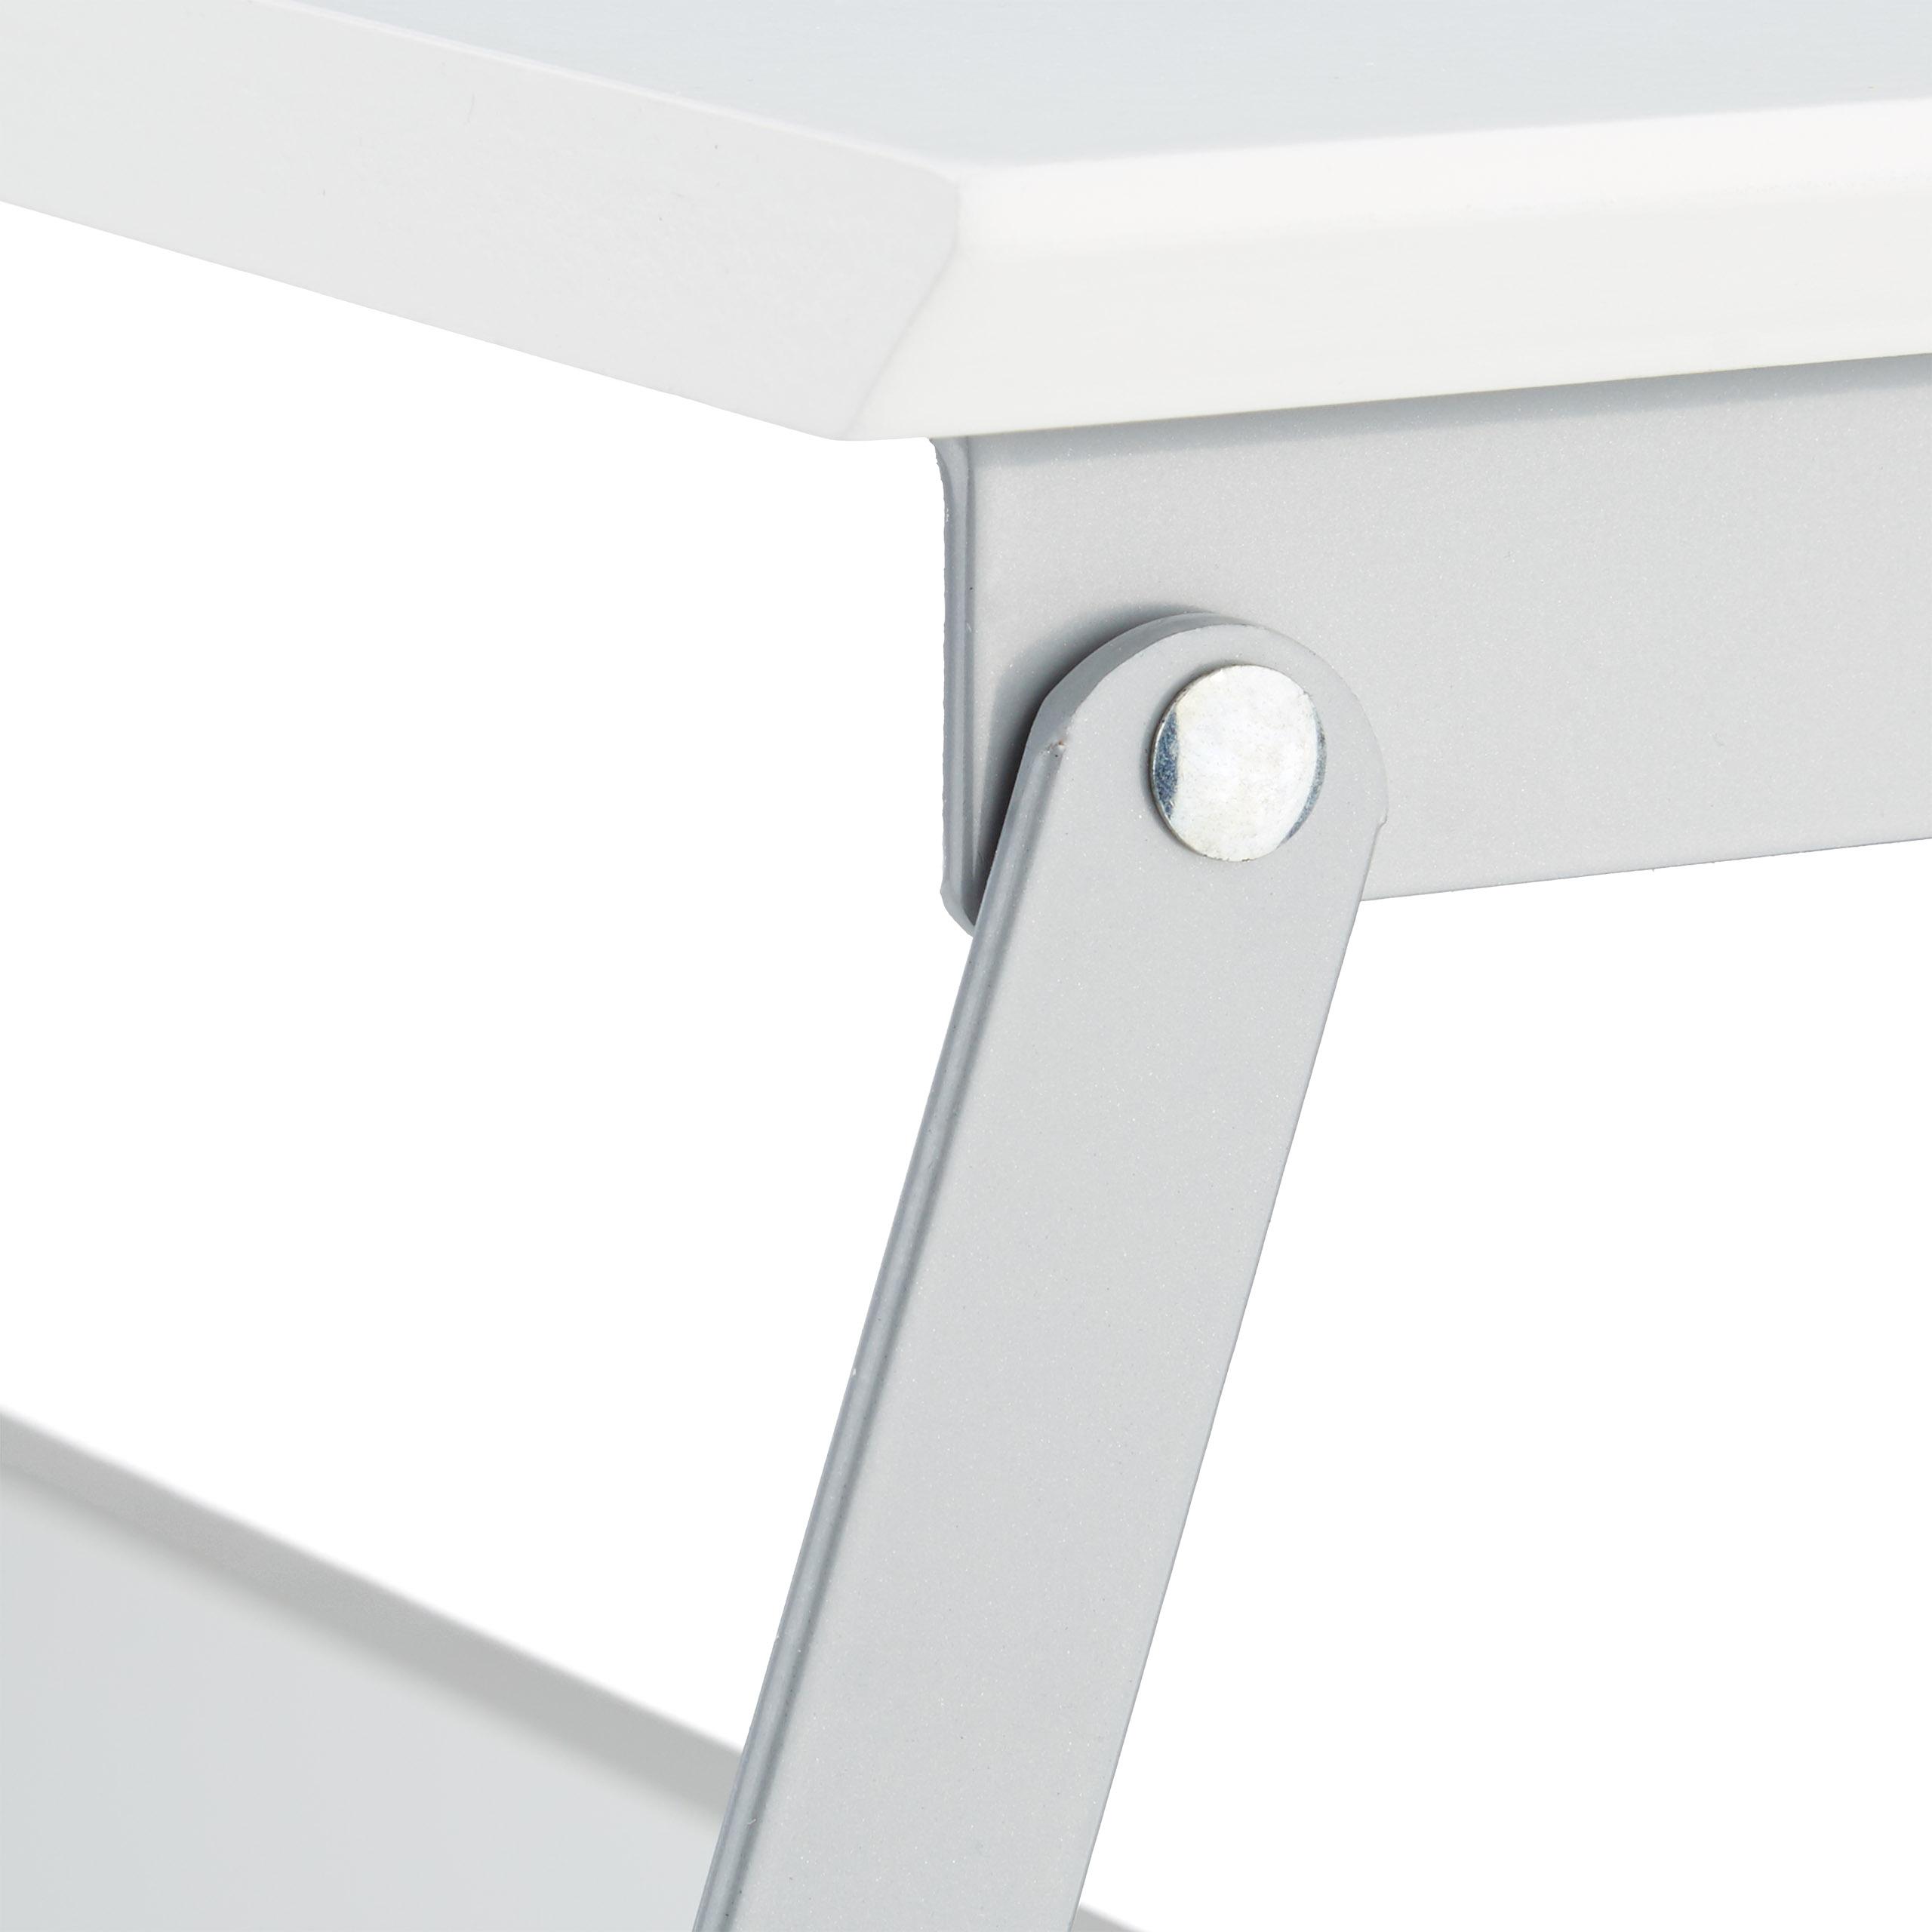 Couchtisch-Lift-Sofatisch-Hebefunktion-Wohnzimmertisch-Designtisch-Stauraum Indexbild 10